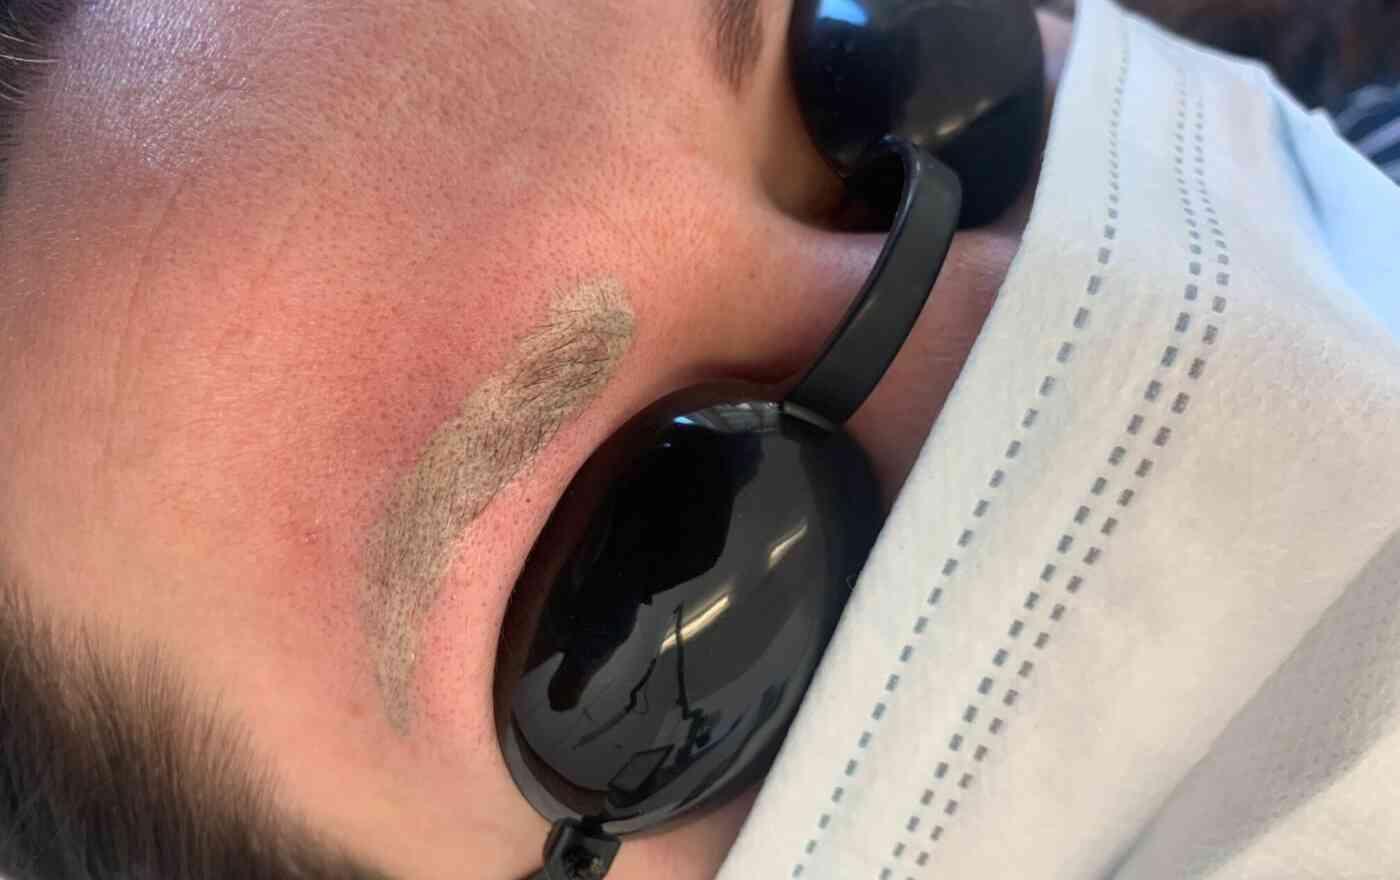 Risiken und Nebenwirkungen der Lasertherapie bei Permament-Make-up-Entfernung